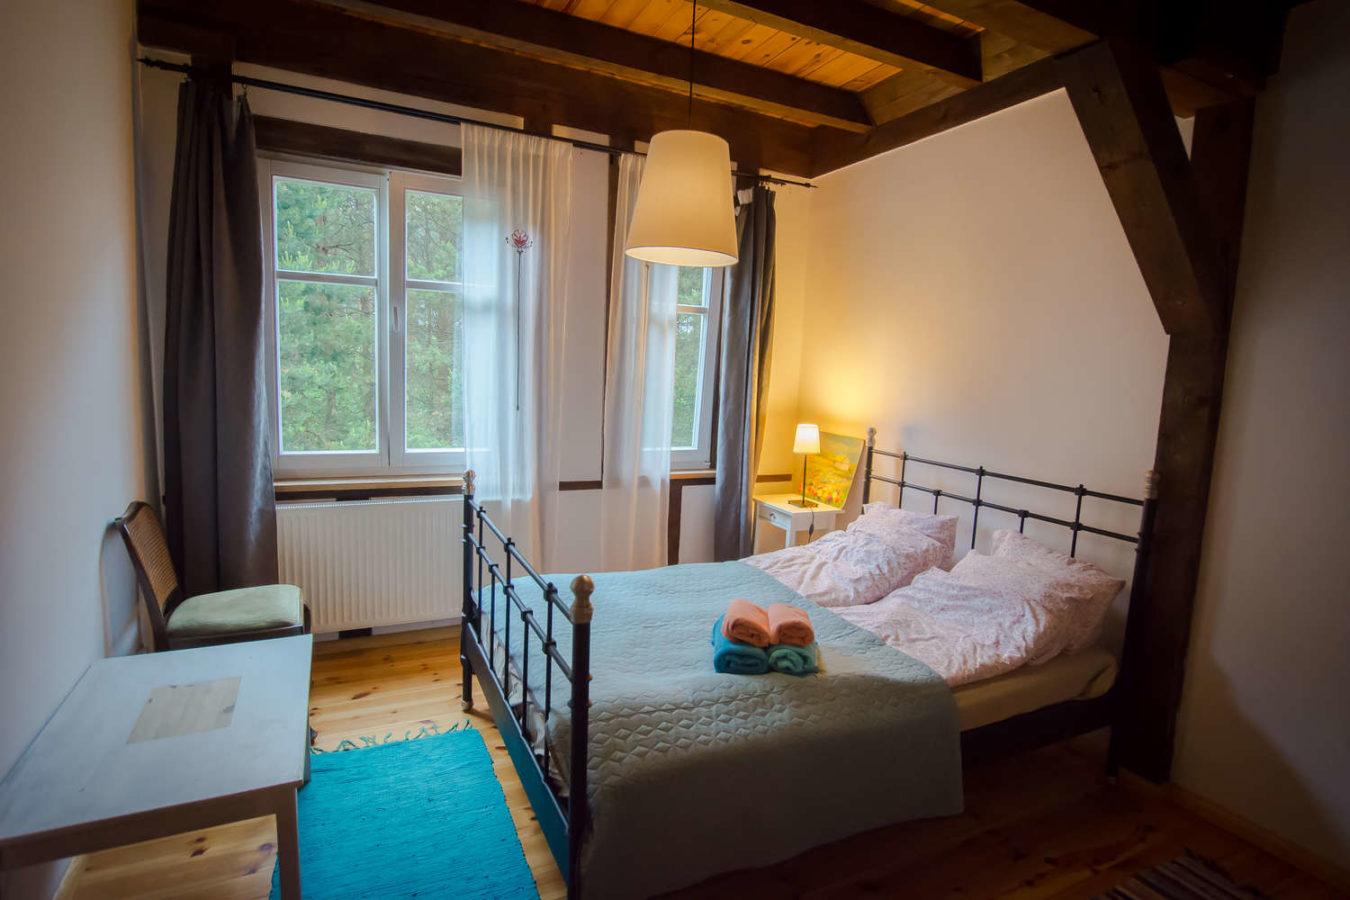 pokój dla dwojga w kolonii mazurskiej